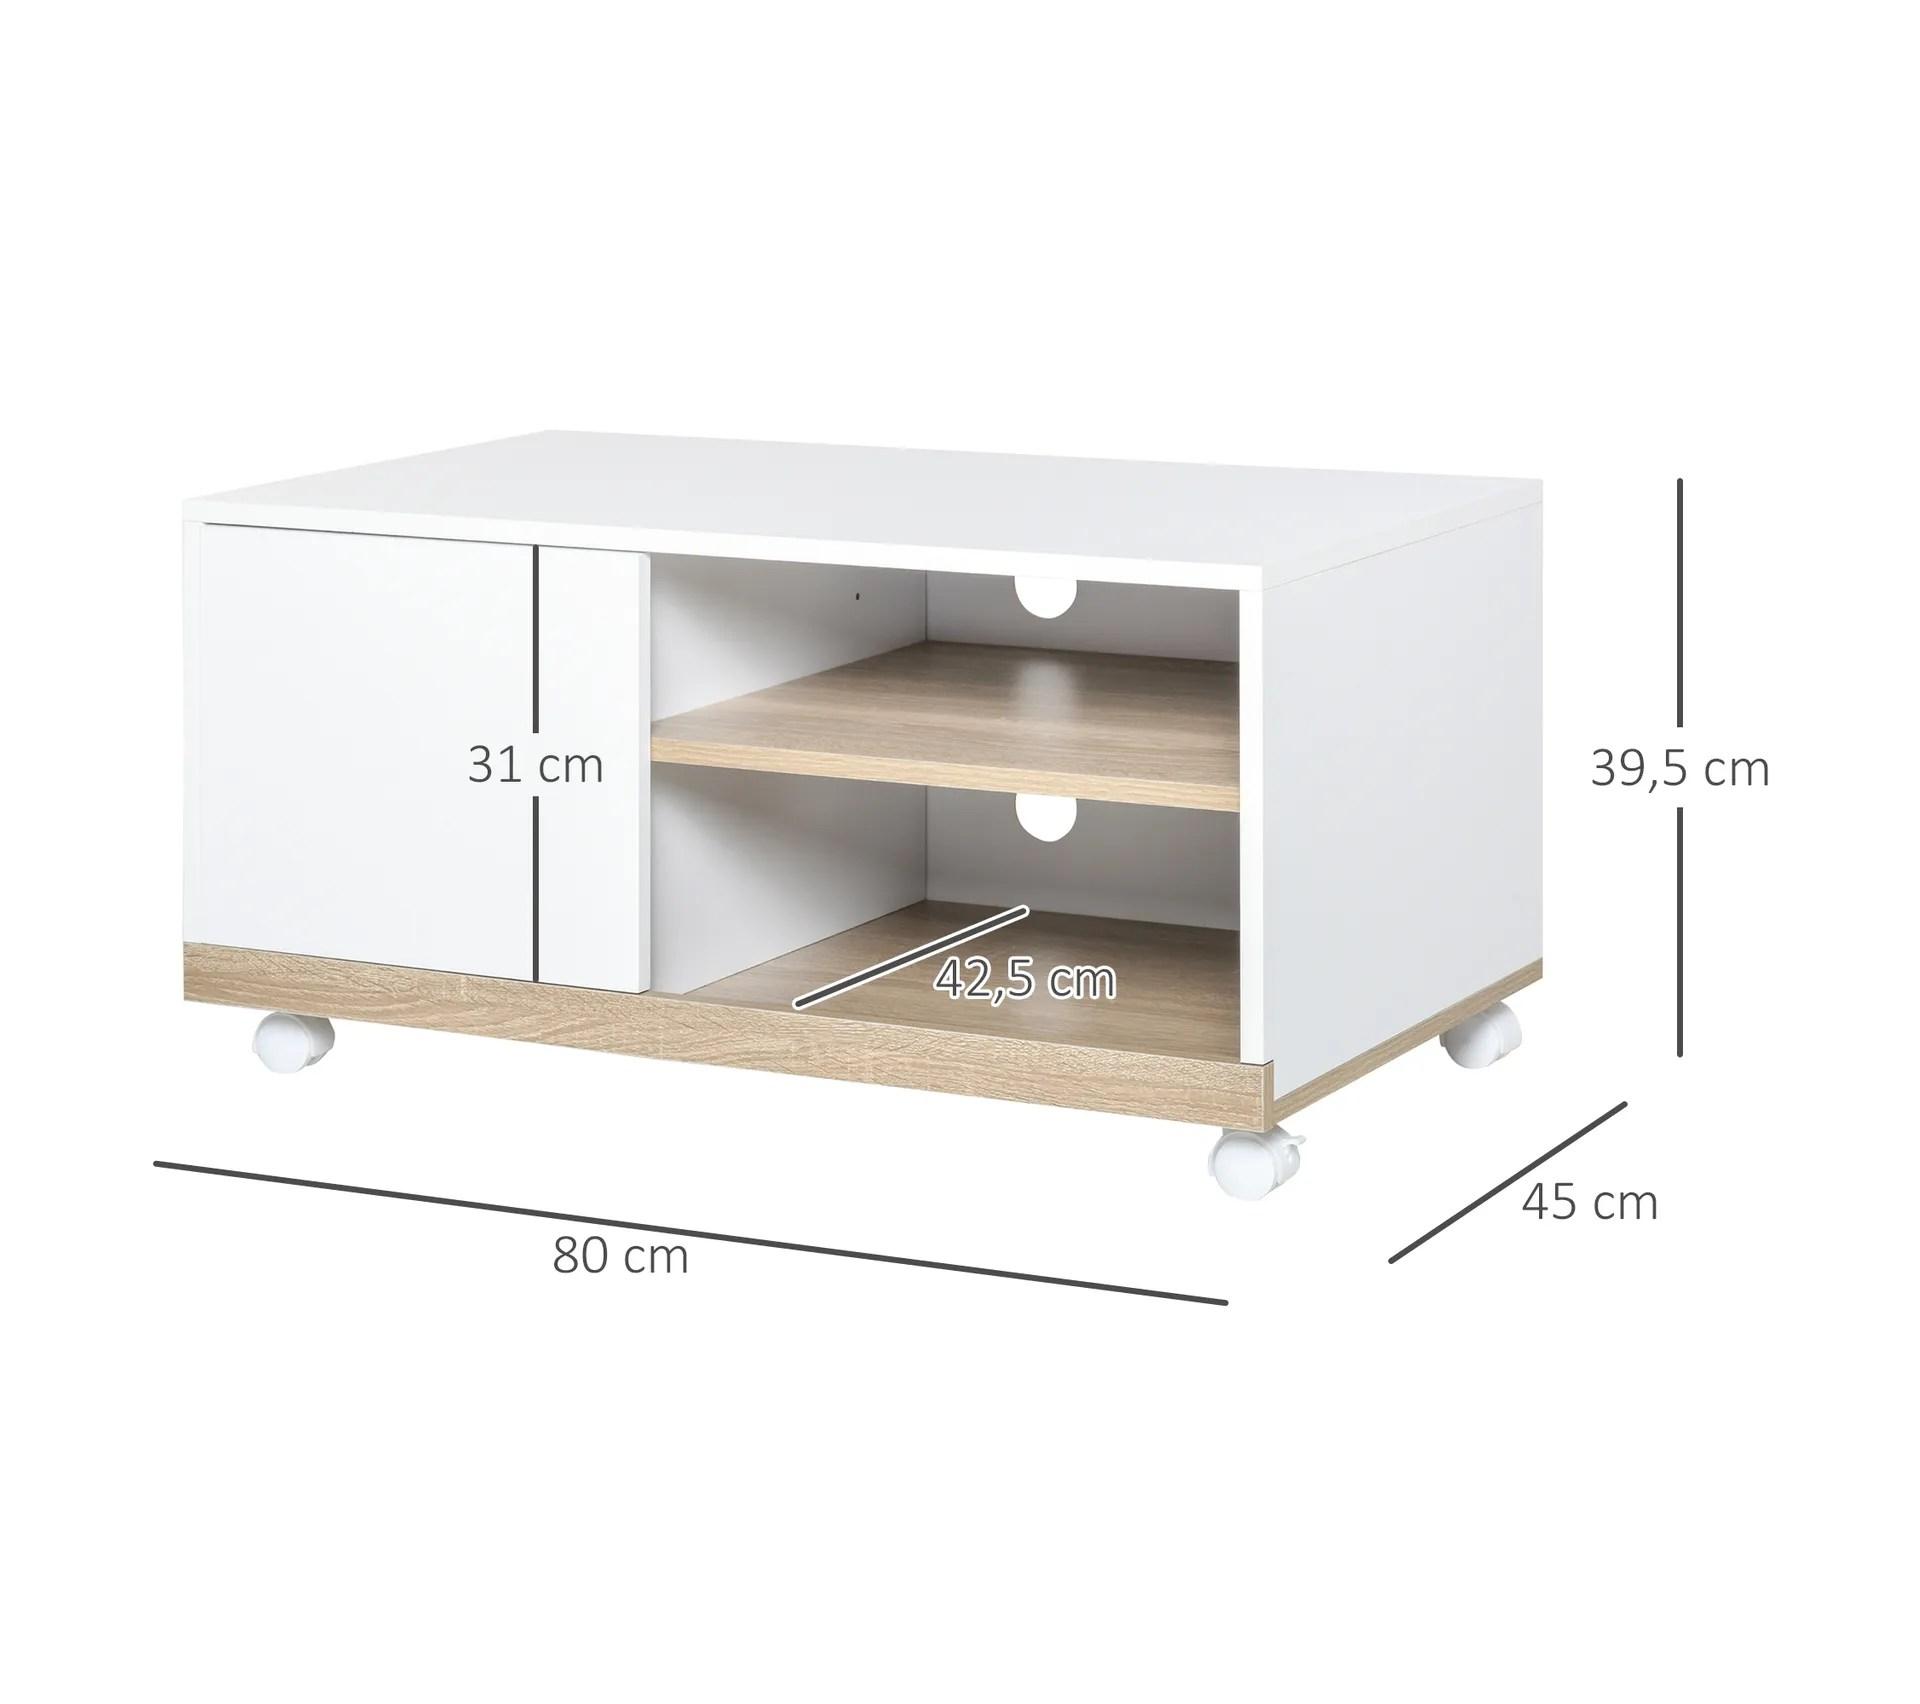 meuble tv sur roulettes 2 niches placard porte 2 passe fil blanc chene clair